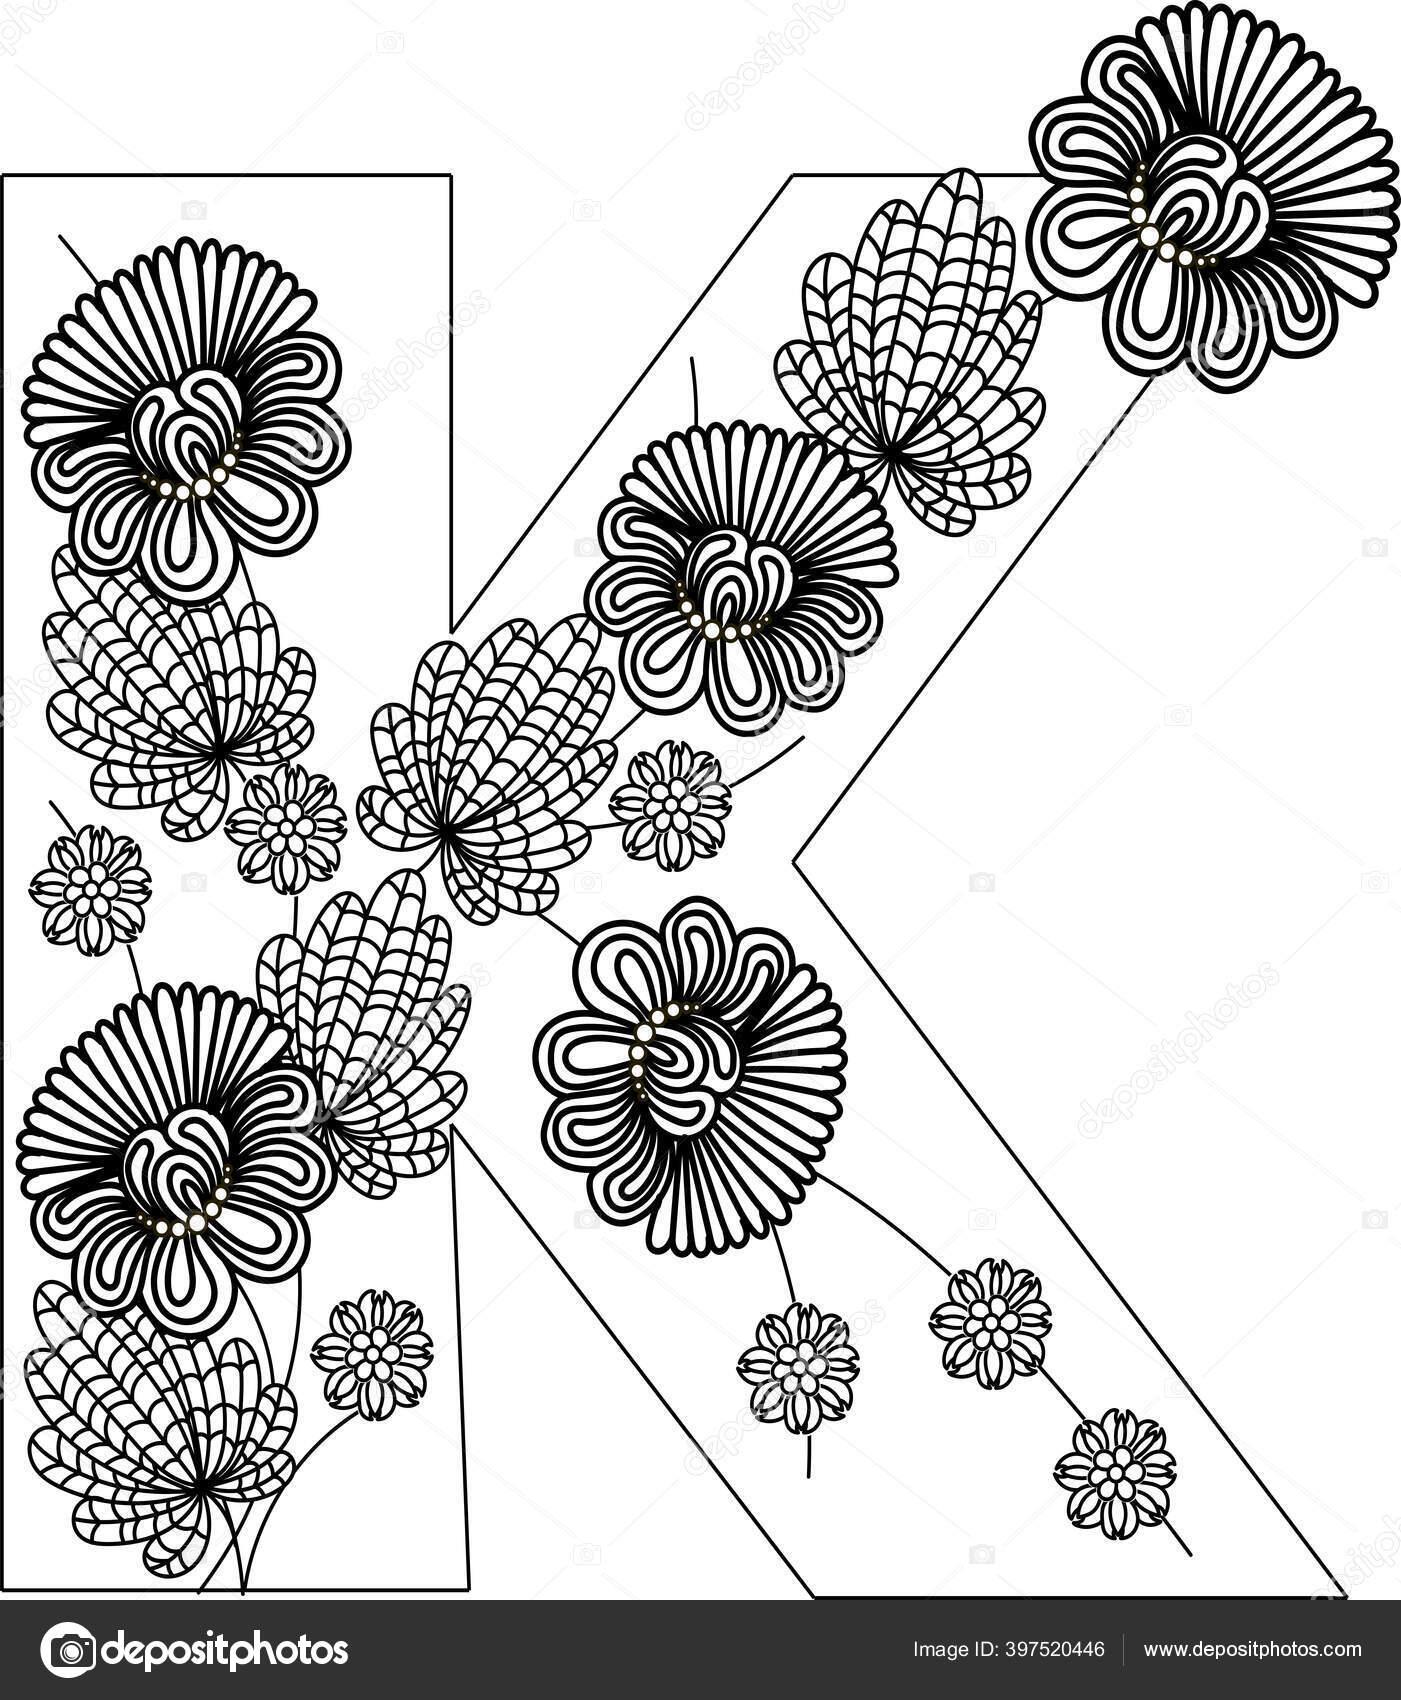 11 Contoh Gambar Mewarnai Batik Bunga Dan Air Free Gambar